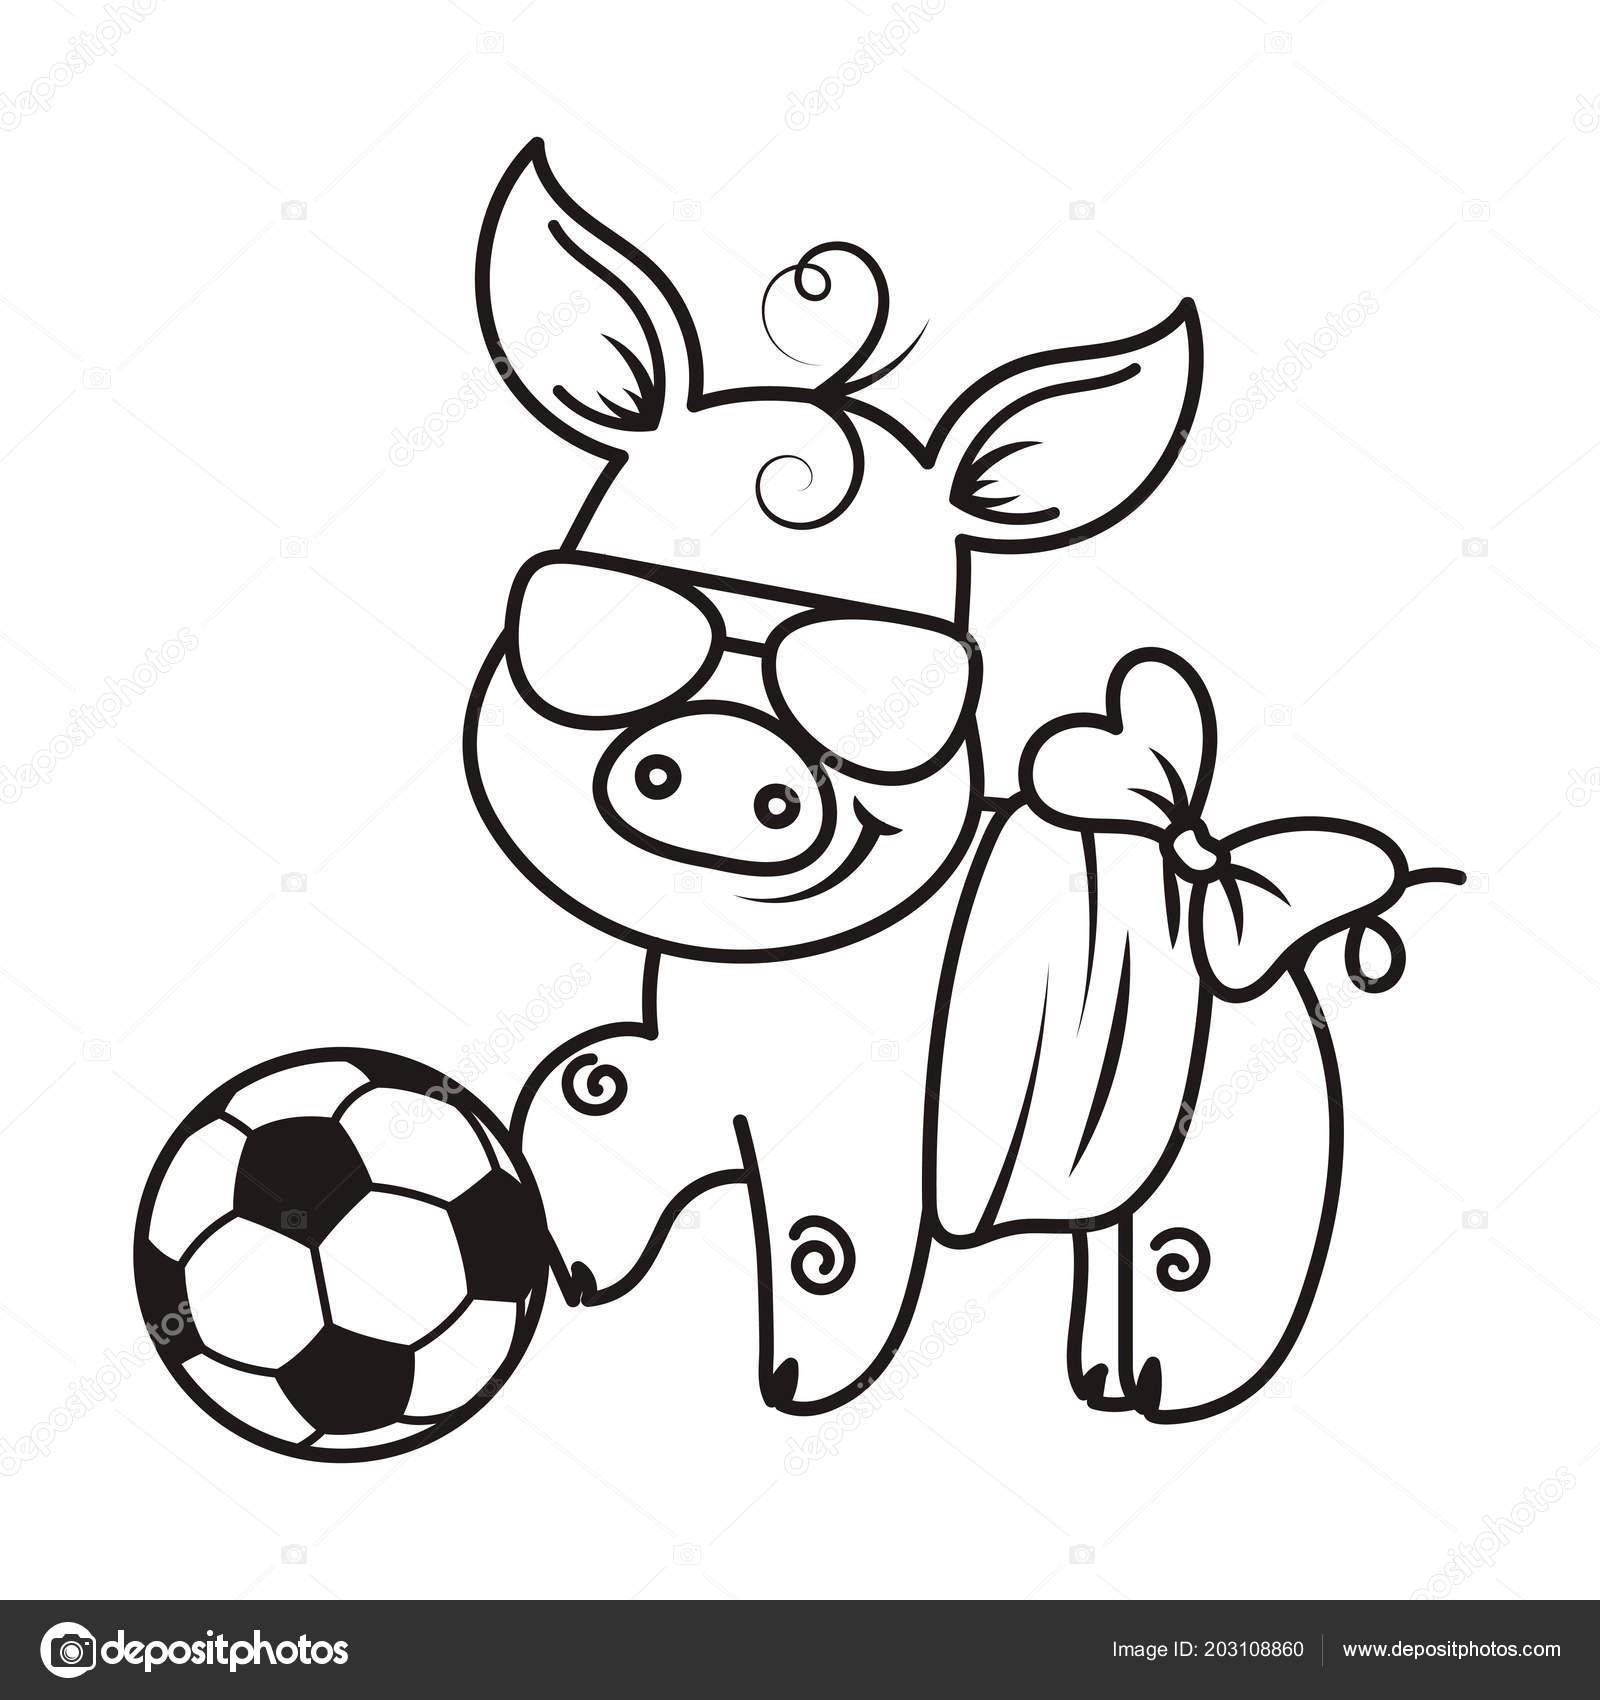 Bir Futbol Topu Ile Sevimli çizgi Domuz Vektör çizim Stok Vektör